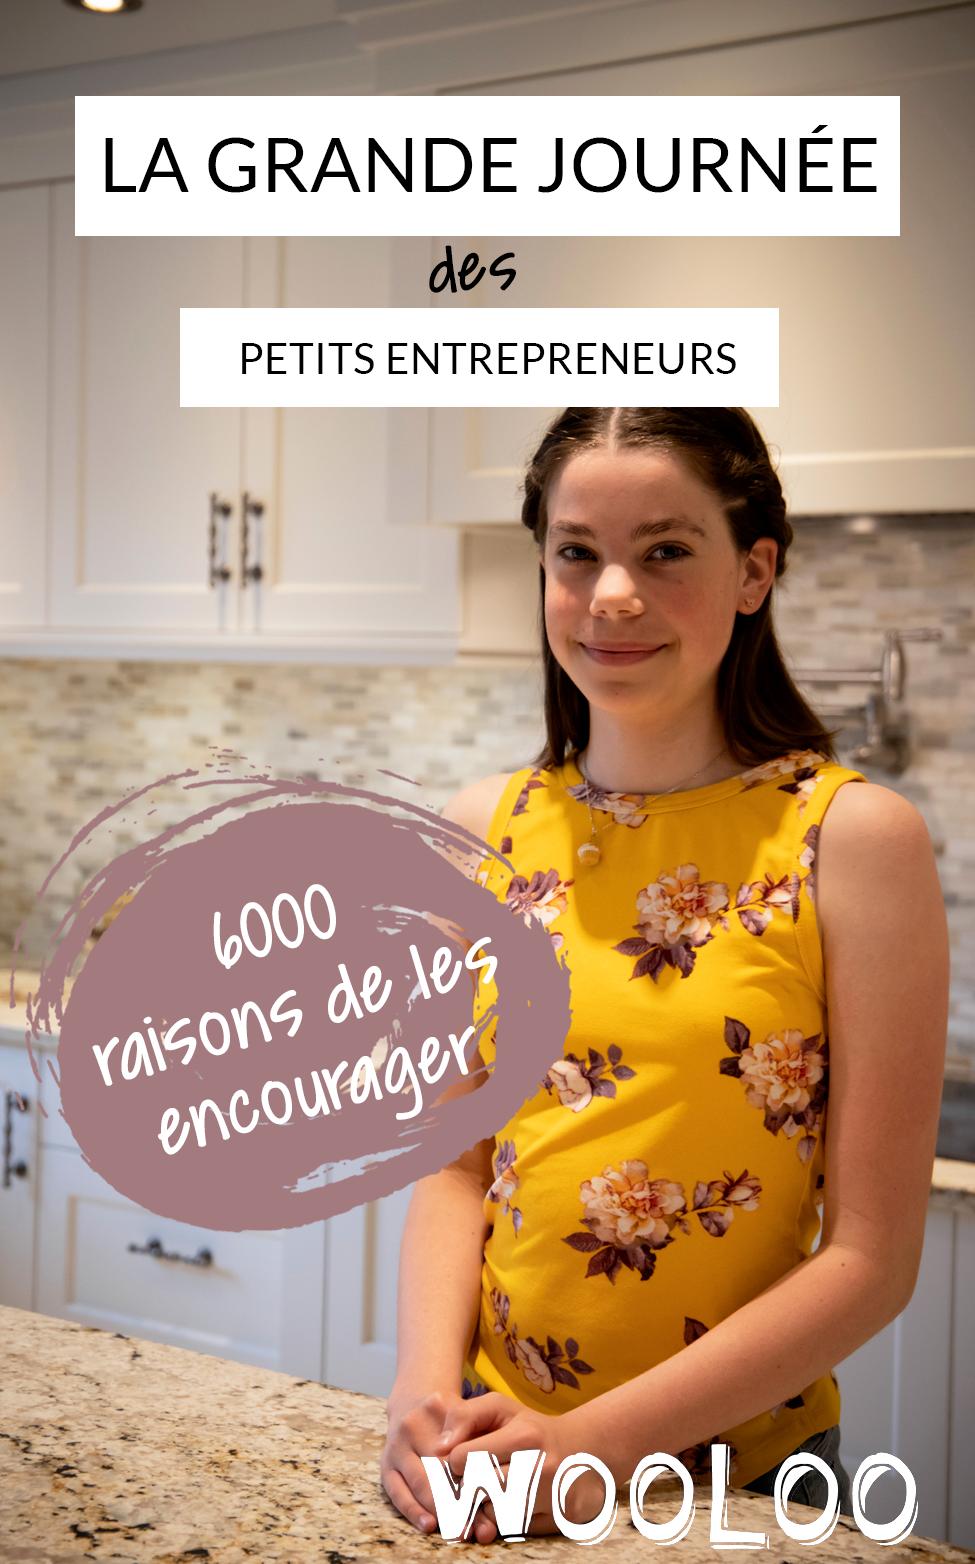 La Grande Journée des Petits Entrepreneurs encourage entrepreneuriat auprès des jeunes de 5 à 12 ans partout au Québec.